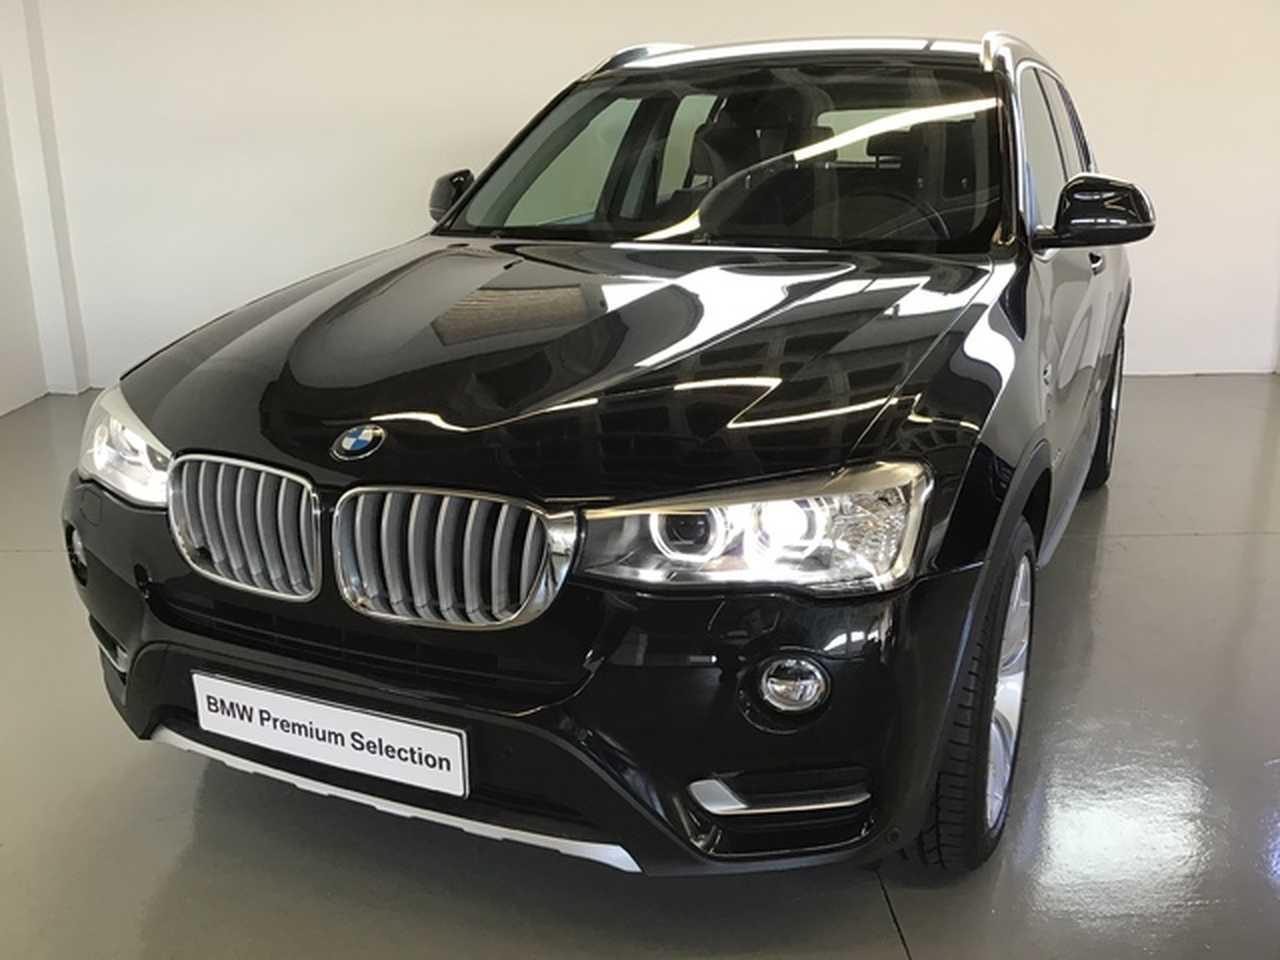 BMW X3 xDrive20d 140 kW (190 CV)  - Foto 1